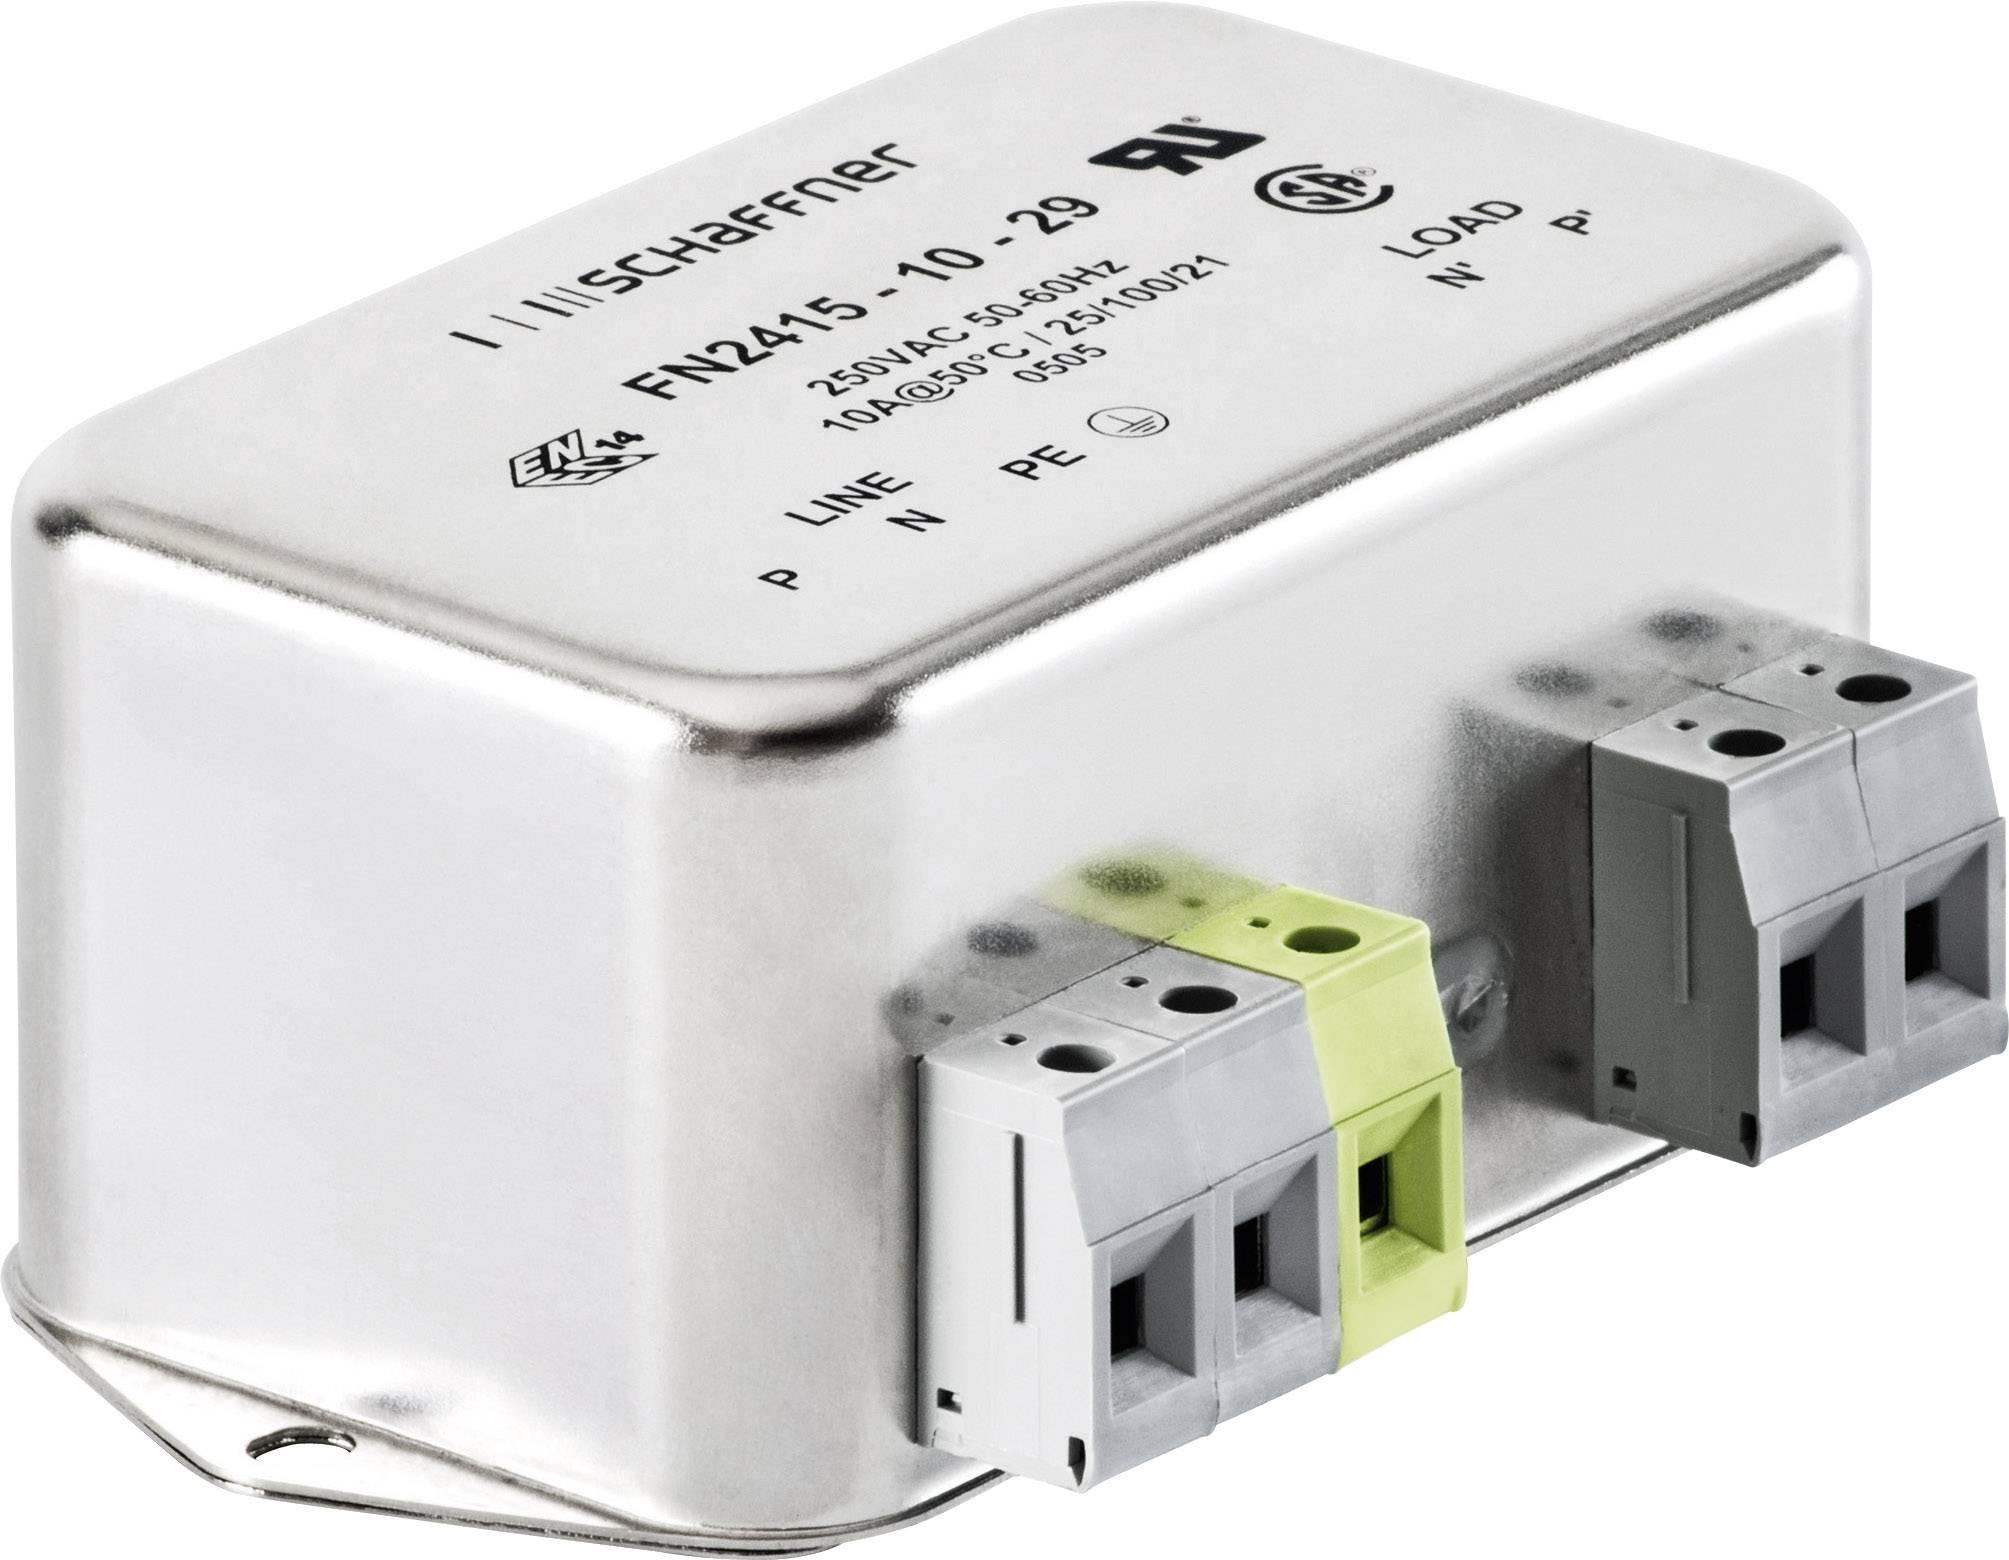 Odrušovací filter Schaffner FN2415-16-29 FN2415-16-29, 250 V/AC, 16 A, (d x š x v) 94 x 58 x 45.4 mm, 1 ks